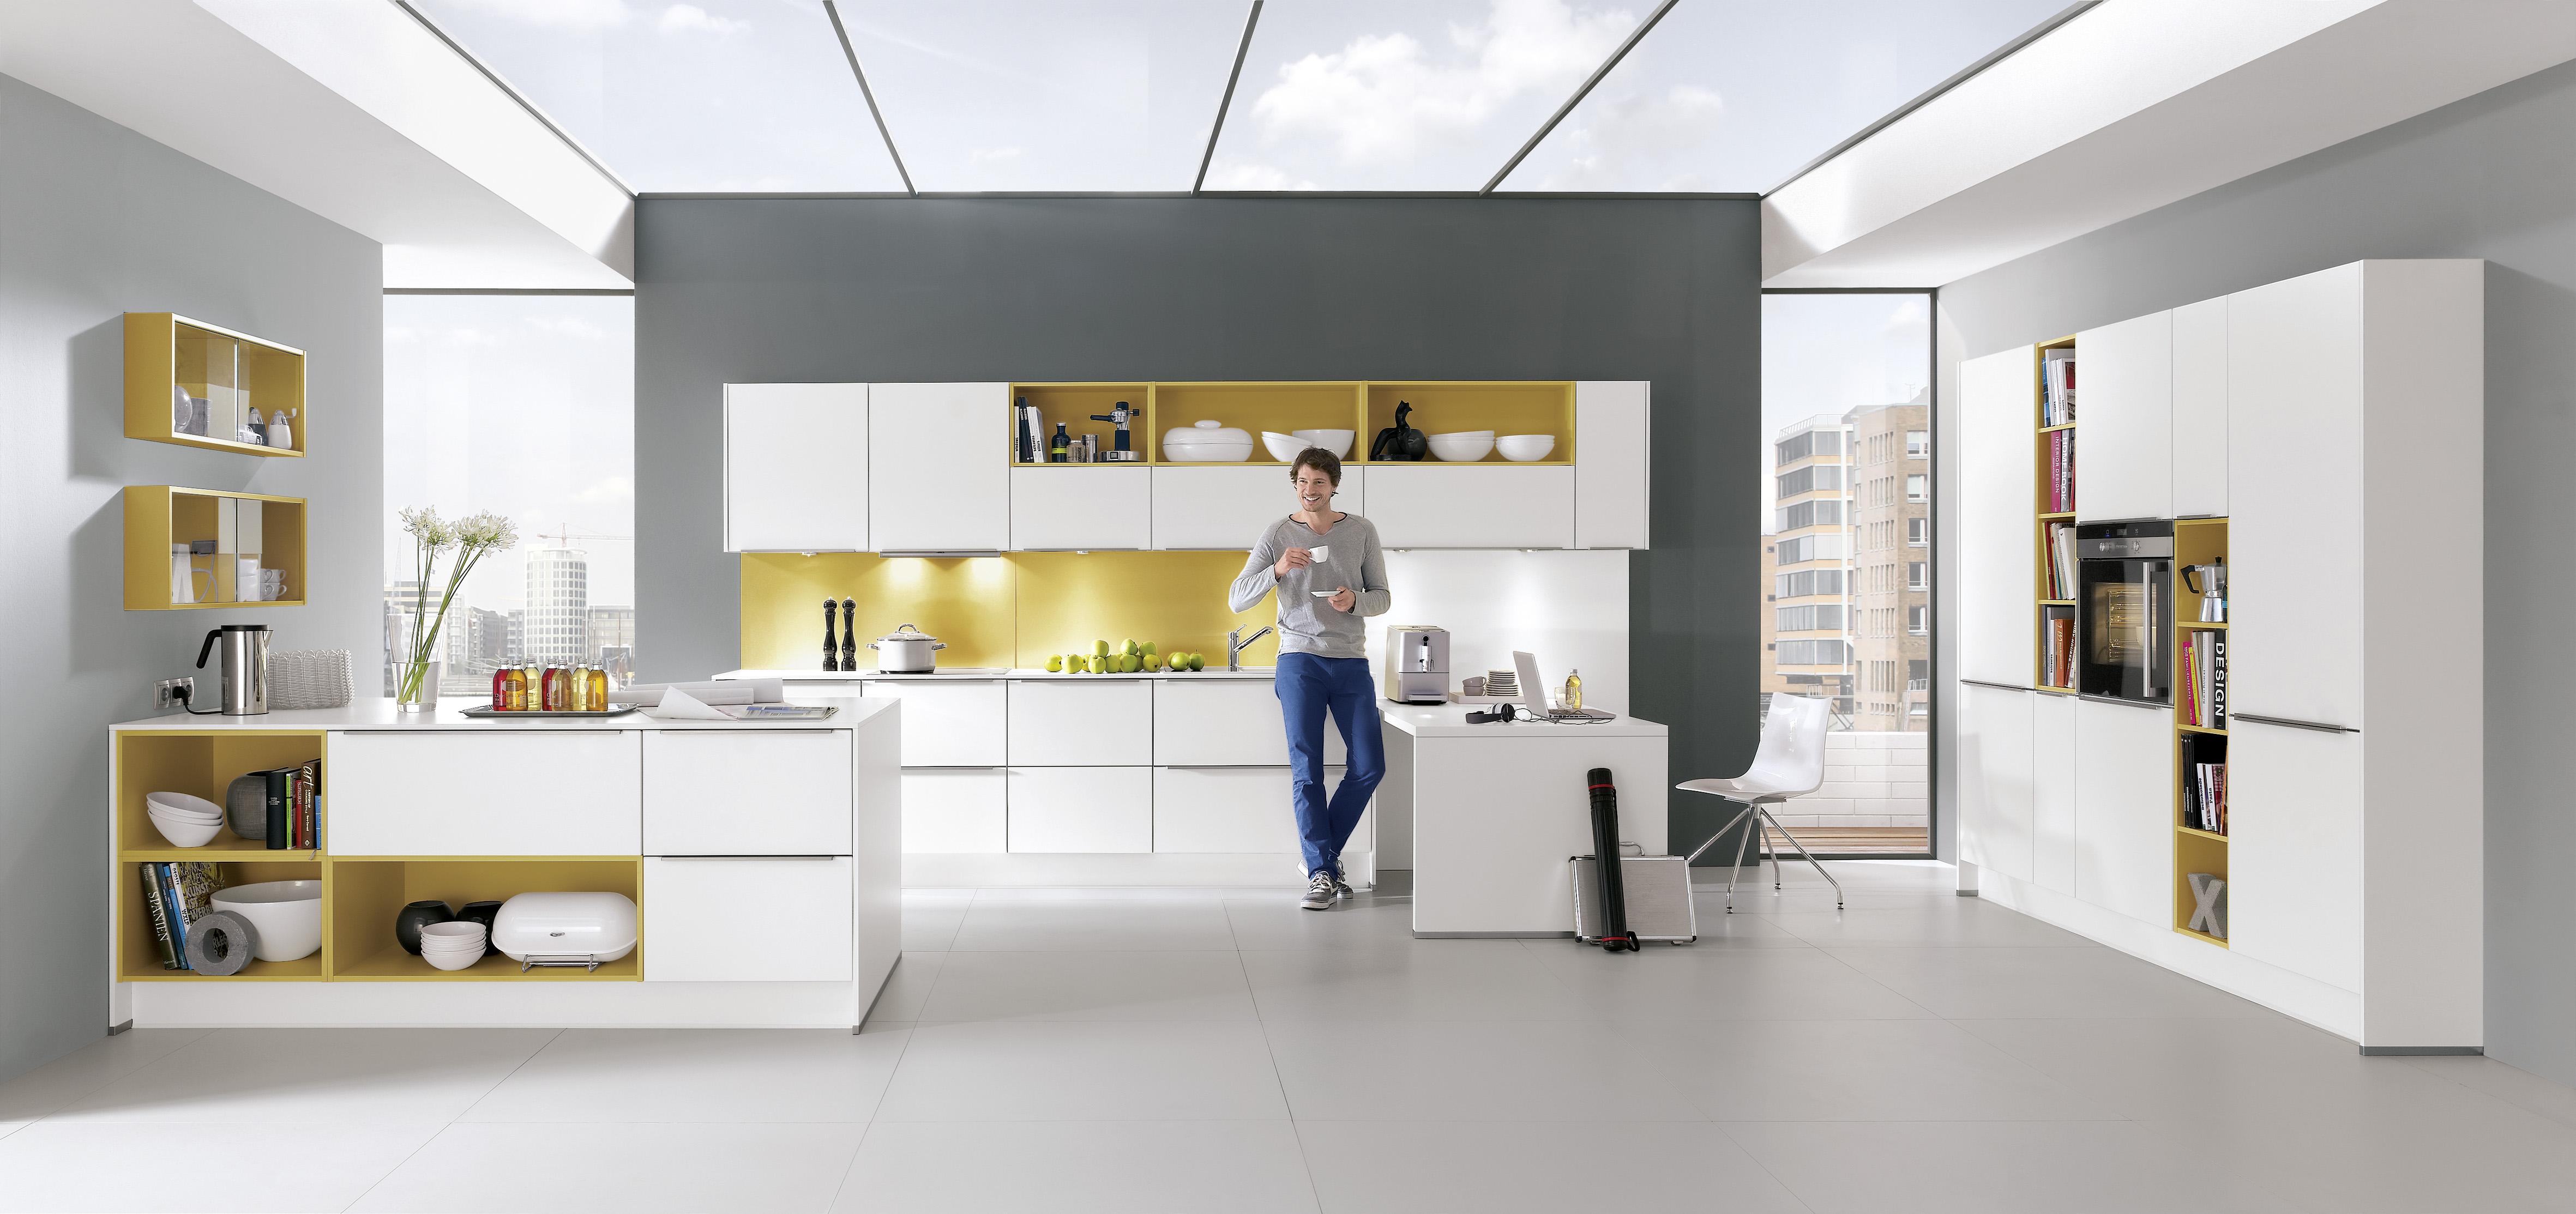 Farbtupfer und regale für eine wohnliche gesamtatmosphäre die küche ist heute der mittelpunkt von haus und wohnung